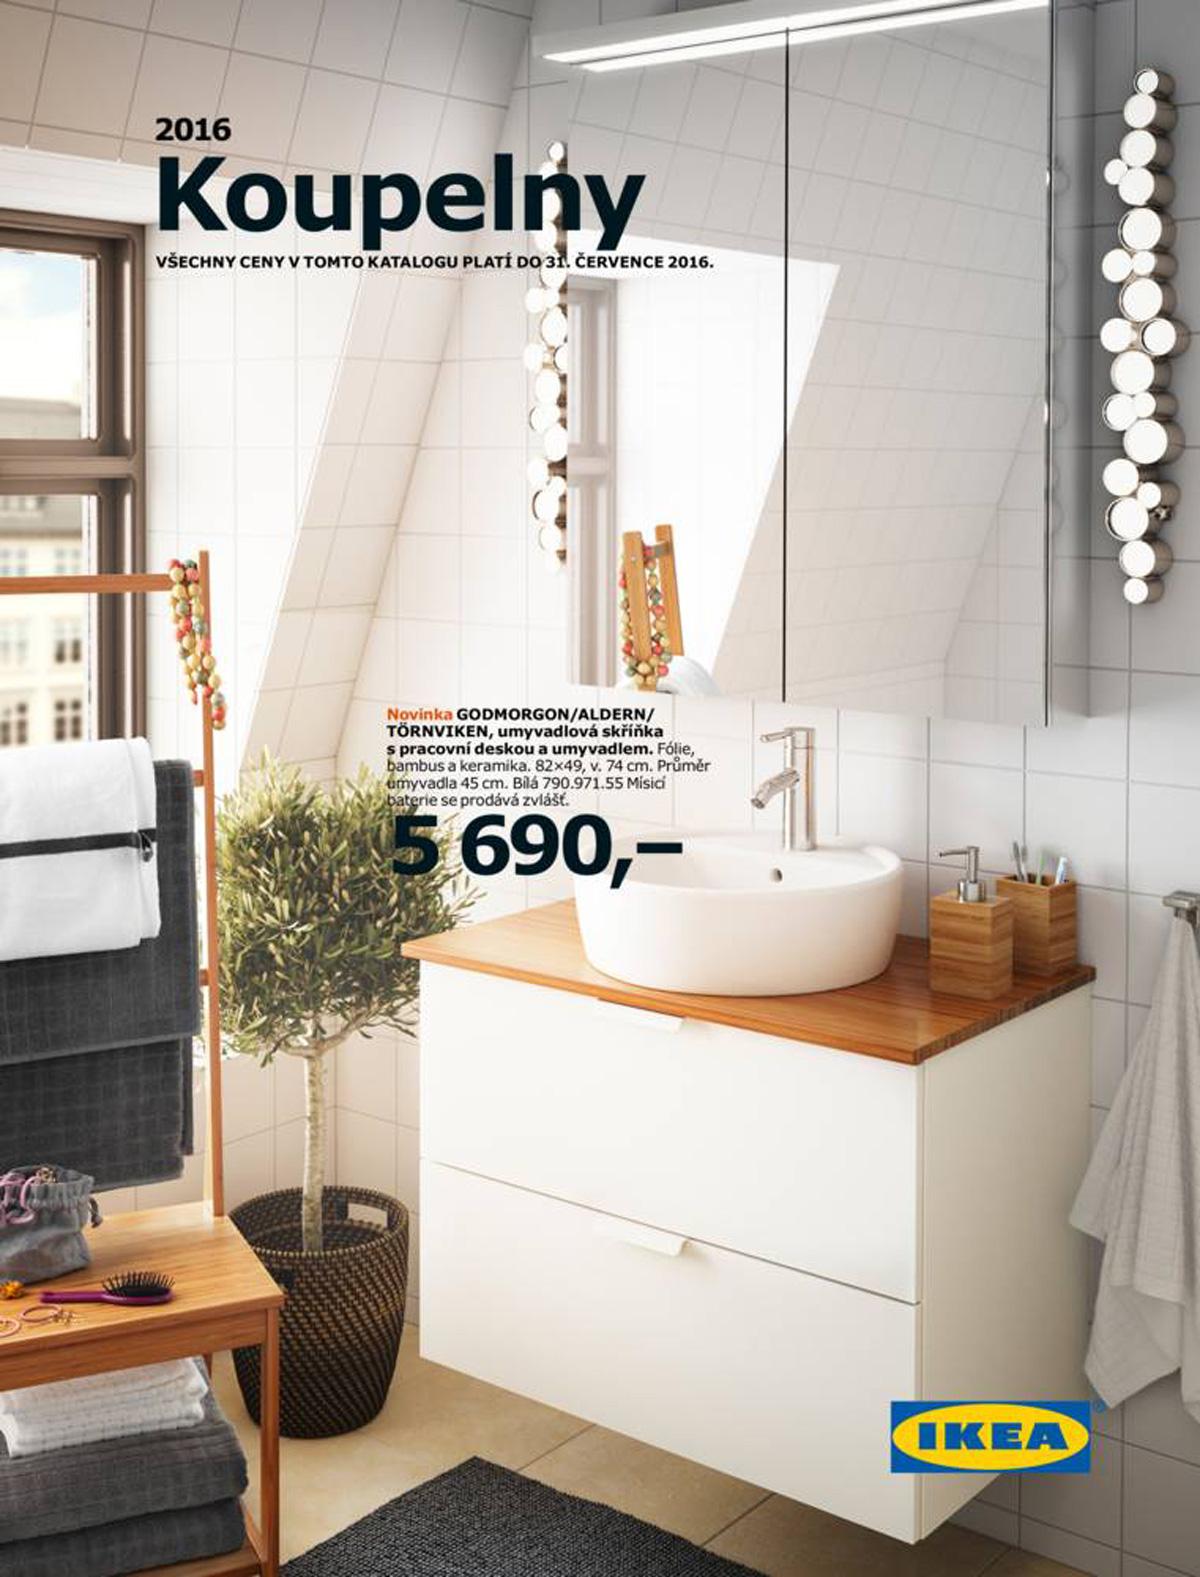 let k ikea koupelny 24 9 31 7. Black Bedroom Furniture Sets. Home Design Ideas